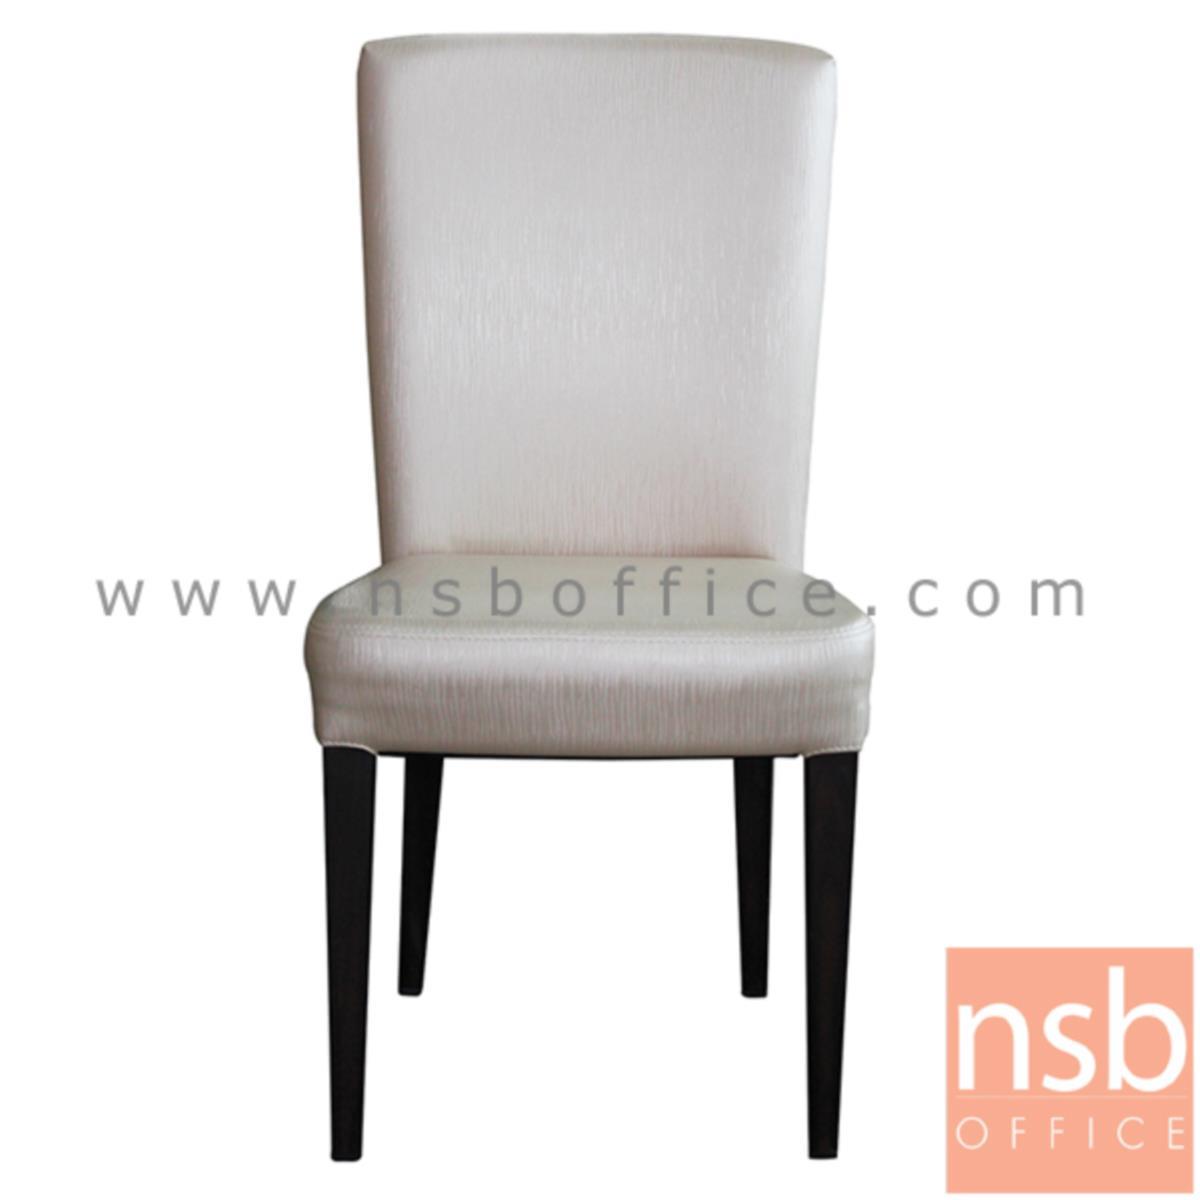 B08A064:เก้าอี้เหล็กที่นั่งหุ้มหนัง PU รุ่น Raphael (ราฟาเอล) ขาเหล็กพ่นสีไม้จริง